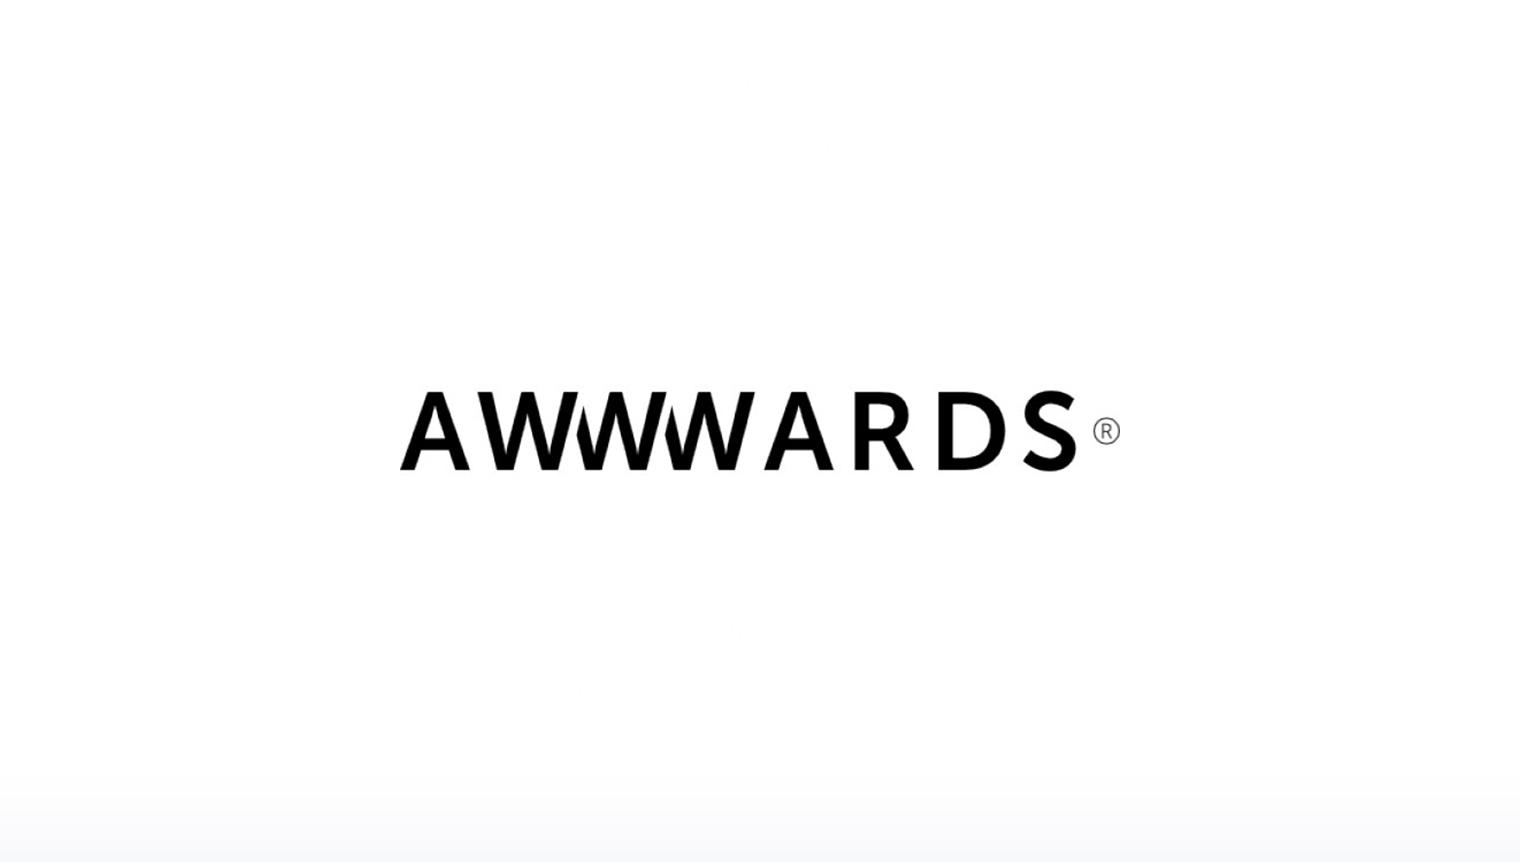 弊社の実績サイトが『Awwwards』にてHonorable Mentionを受賞致しました。